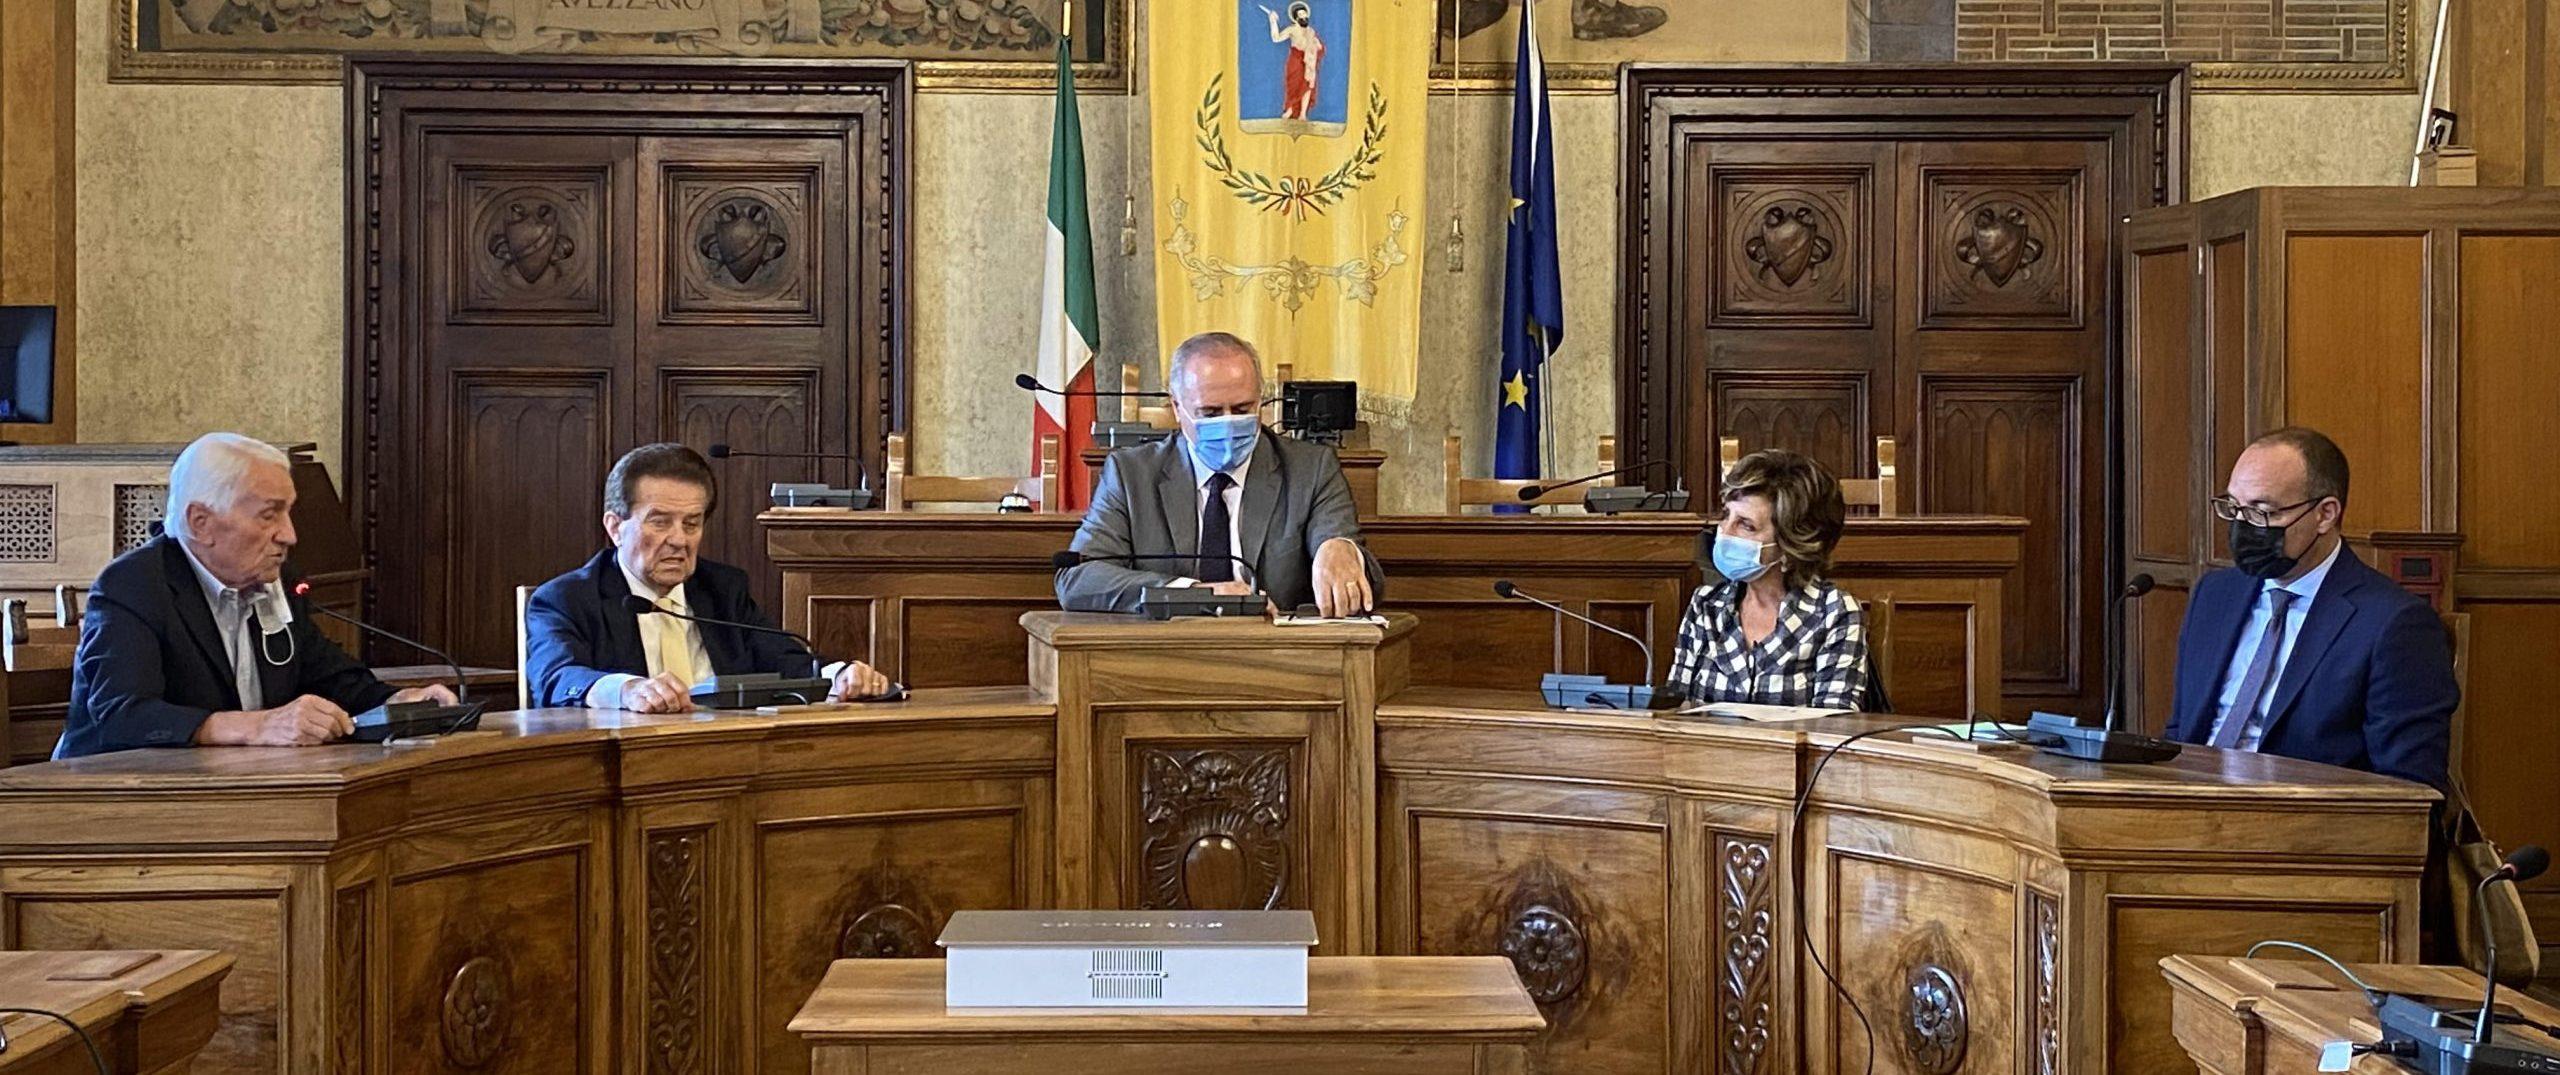 Consegnati sanificatori di ultima generazione alle scuole del territorio di Avezzano